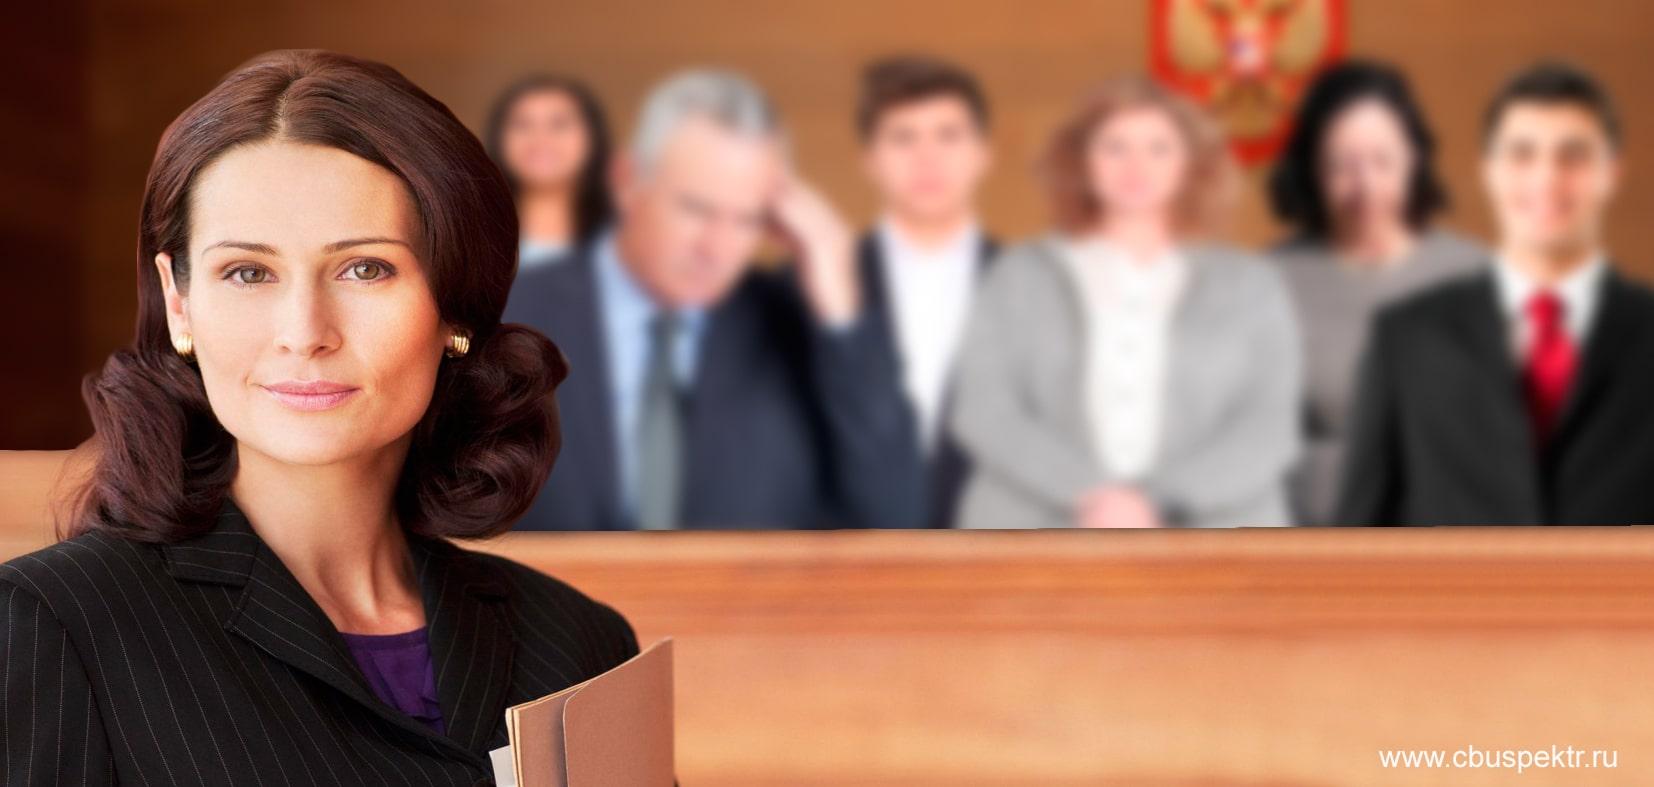 Адвокат на фоне клиентов